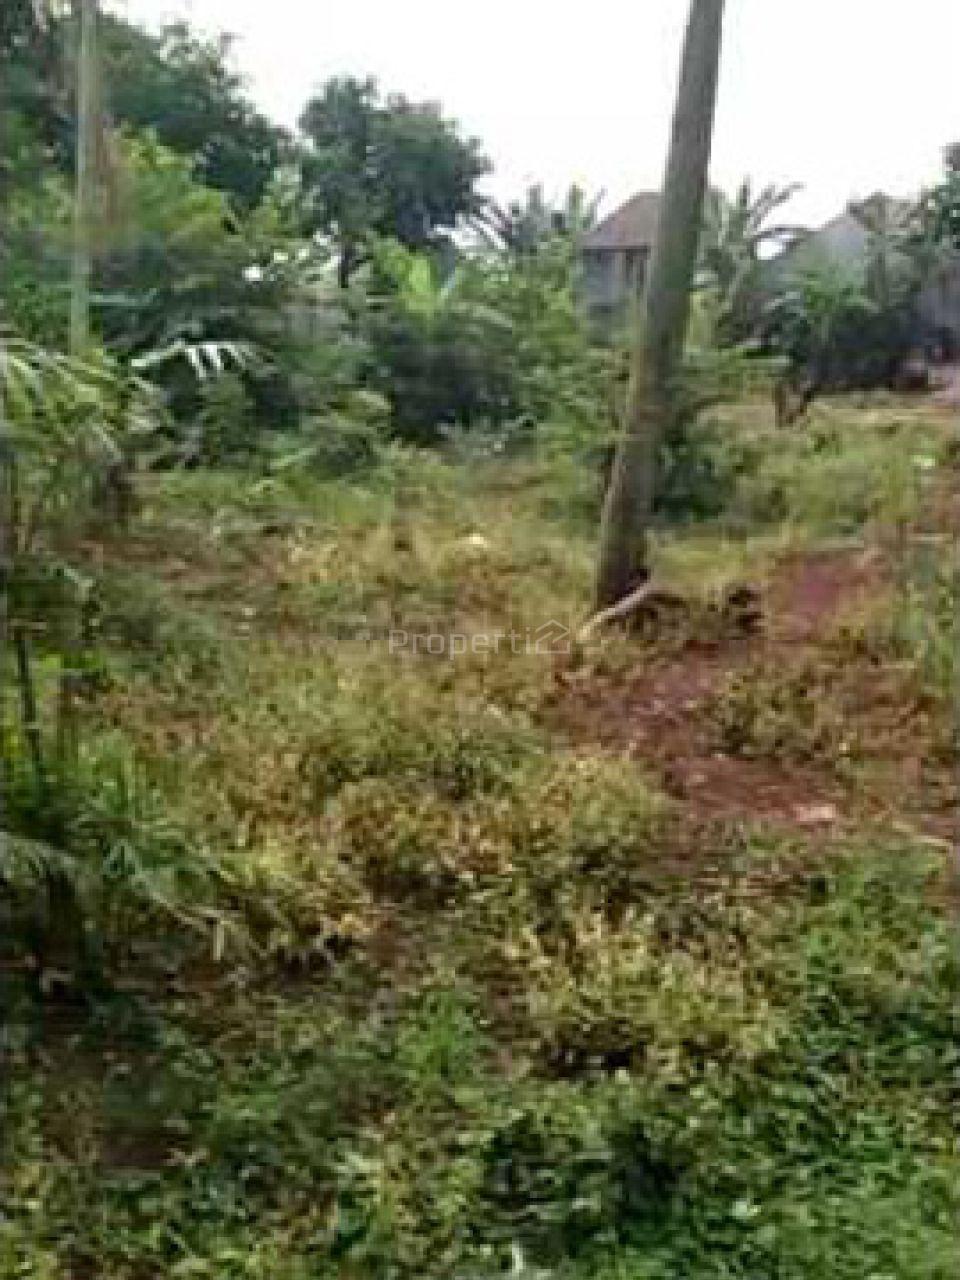 Lahan Peruntukan Perumahan di Kota Tangerang Selatan, Banten